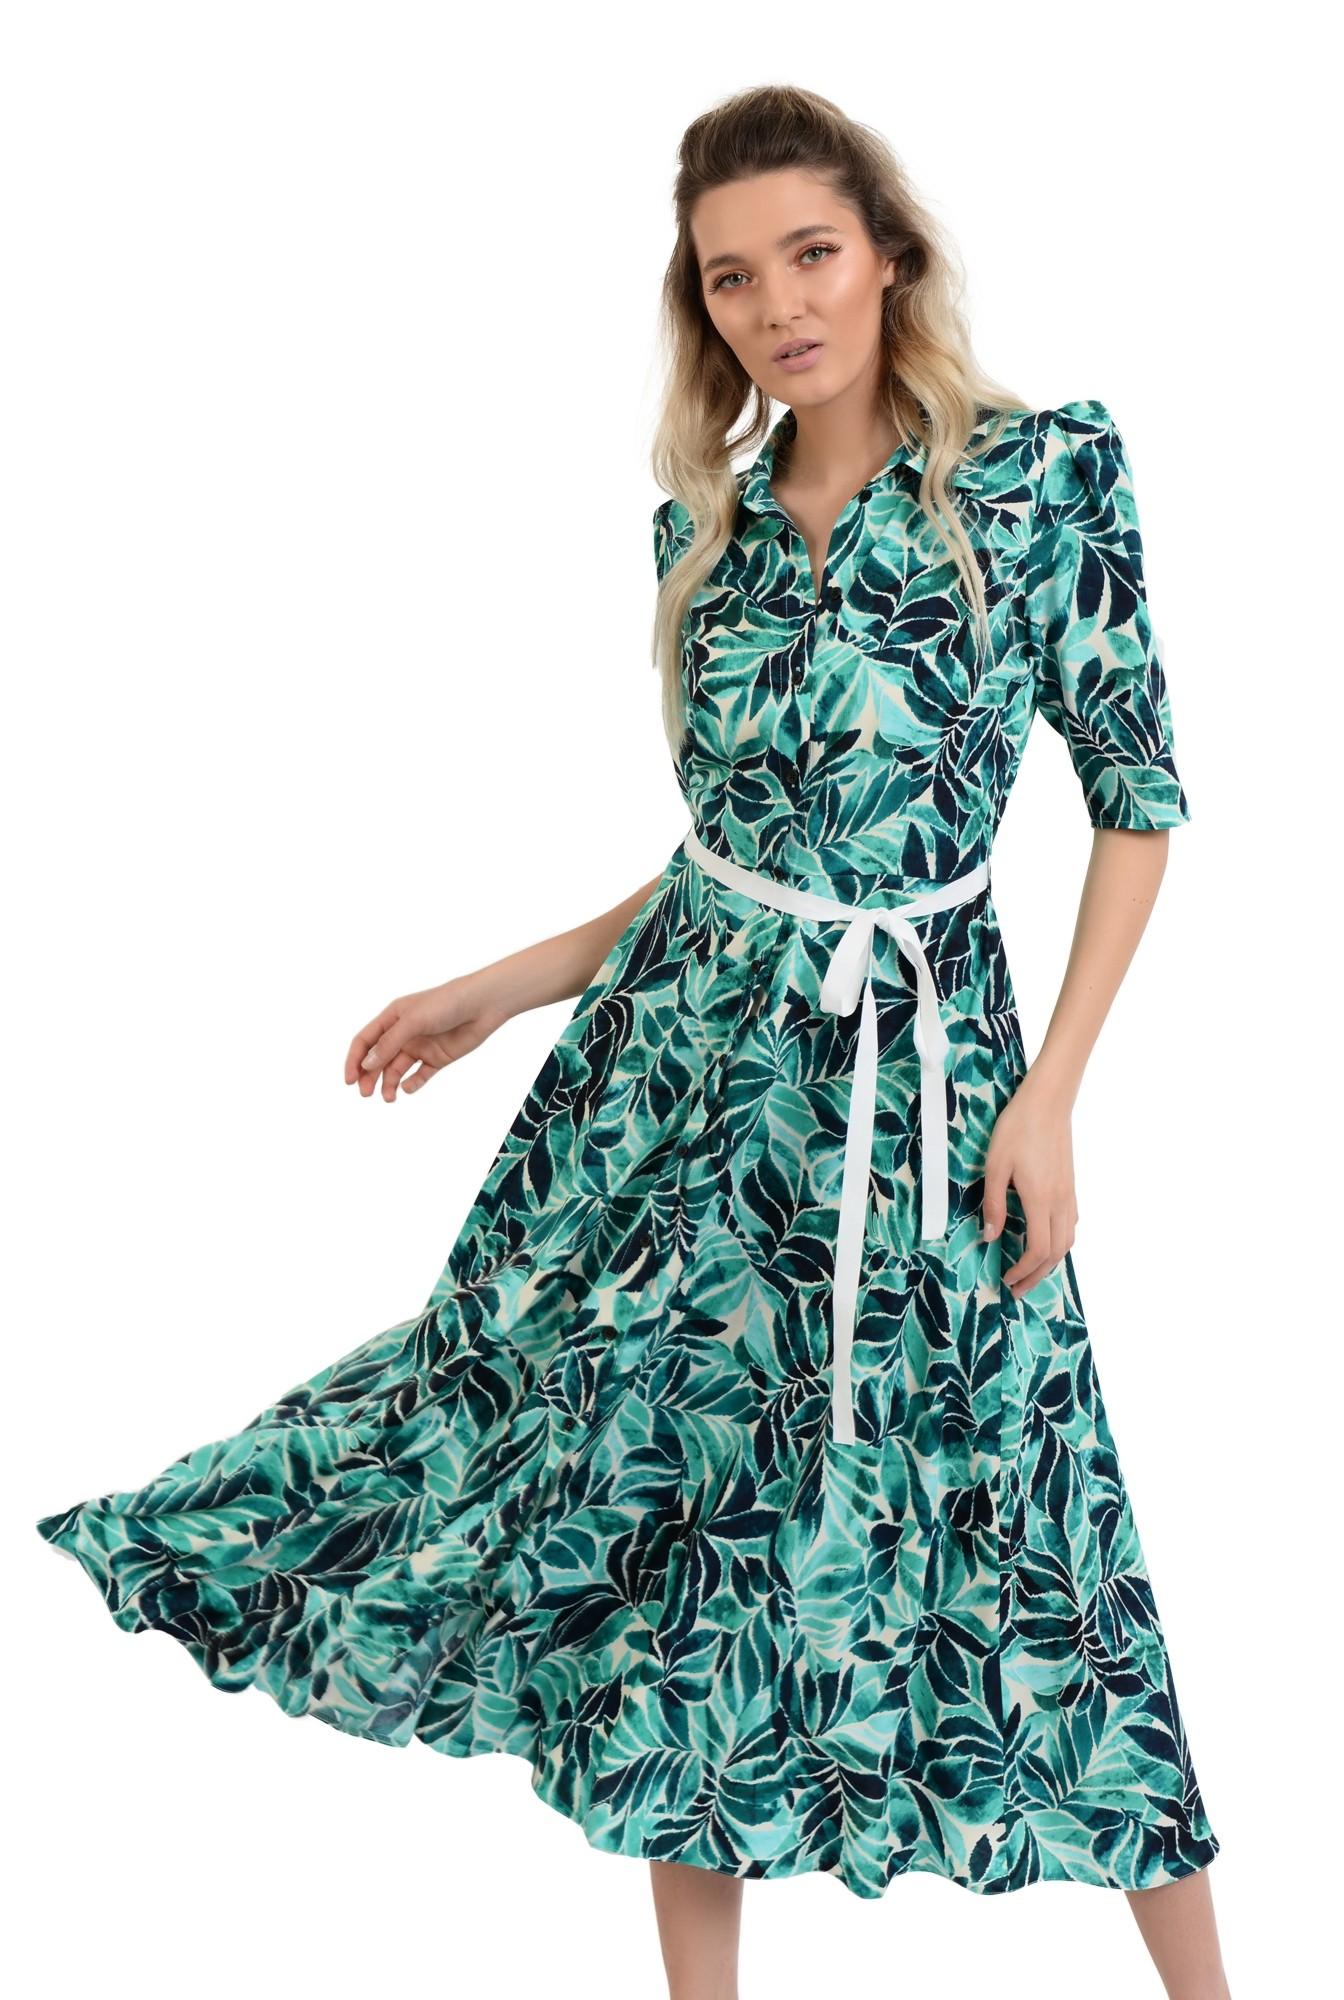 0 - rochie de vara, midi, evazata, cu print, cu cordon in contrast